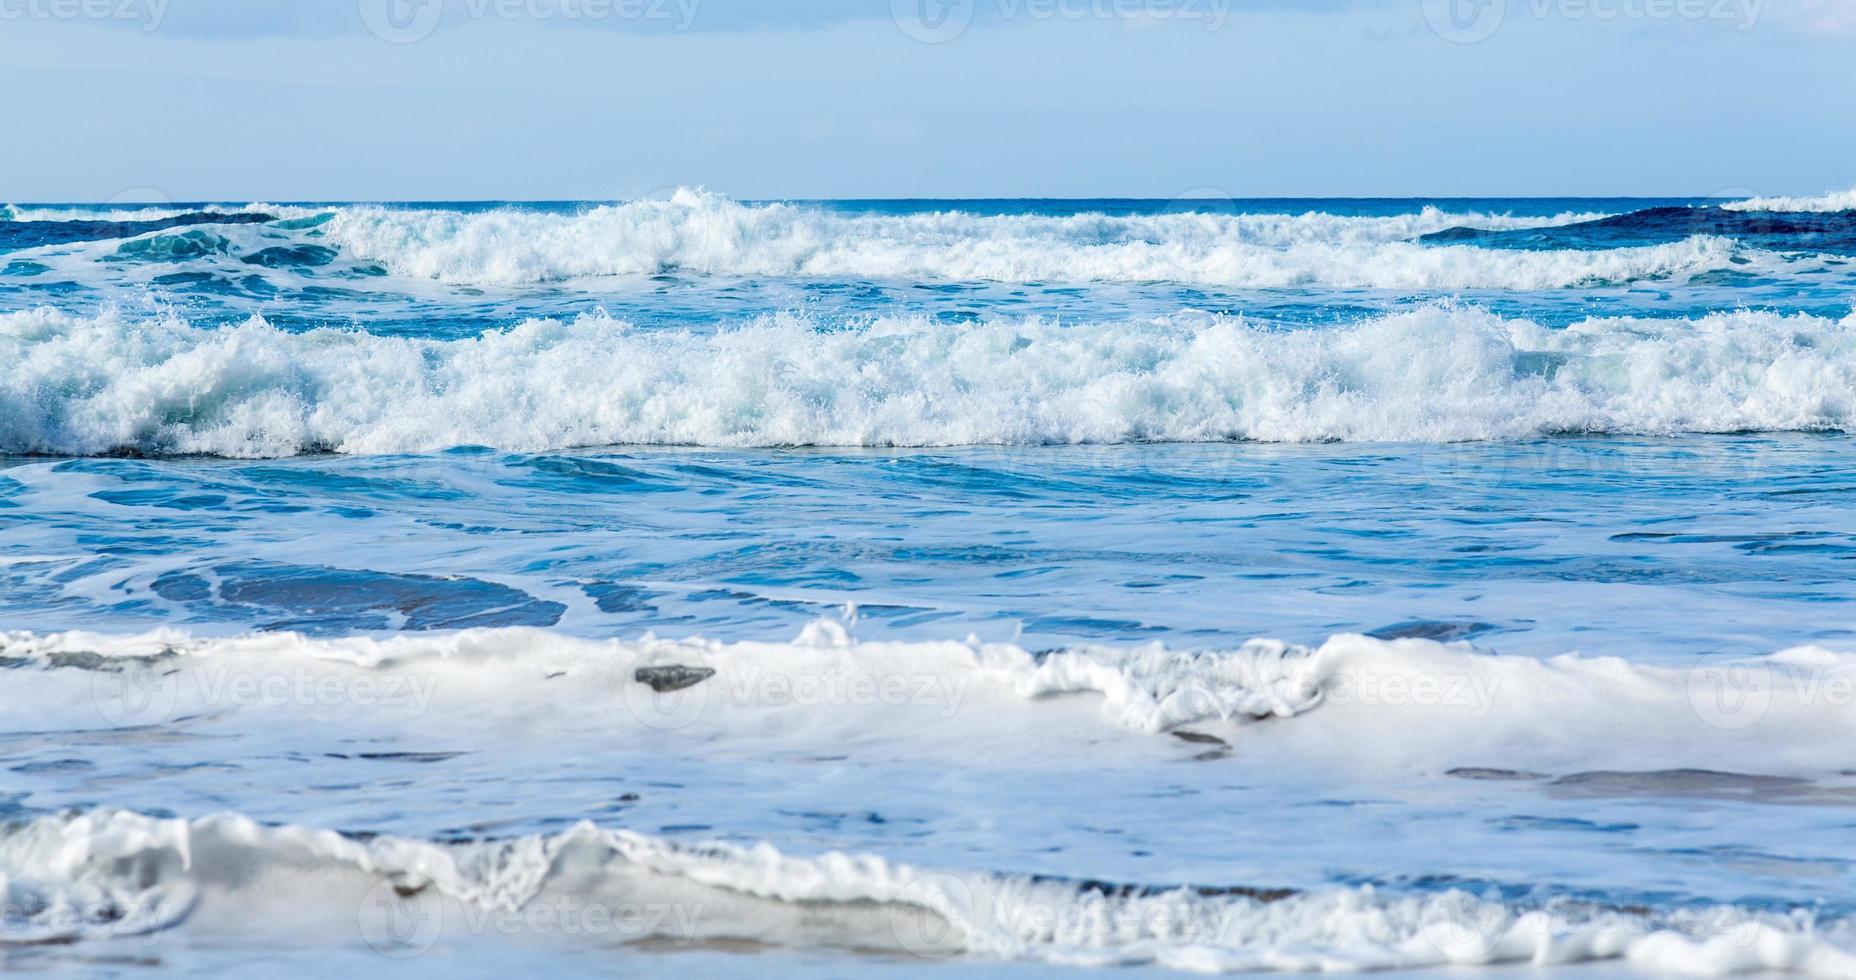 rijen golven komen naar de kust foto